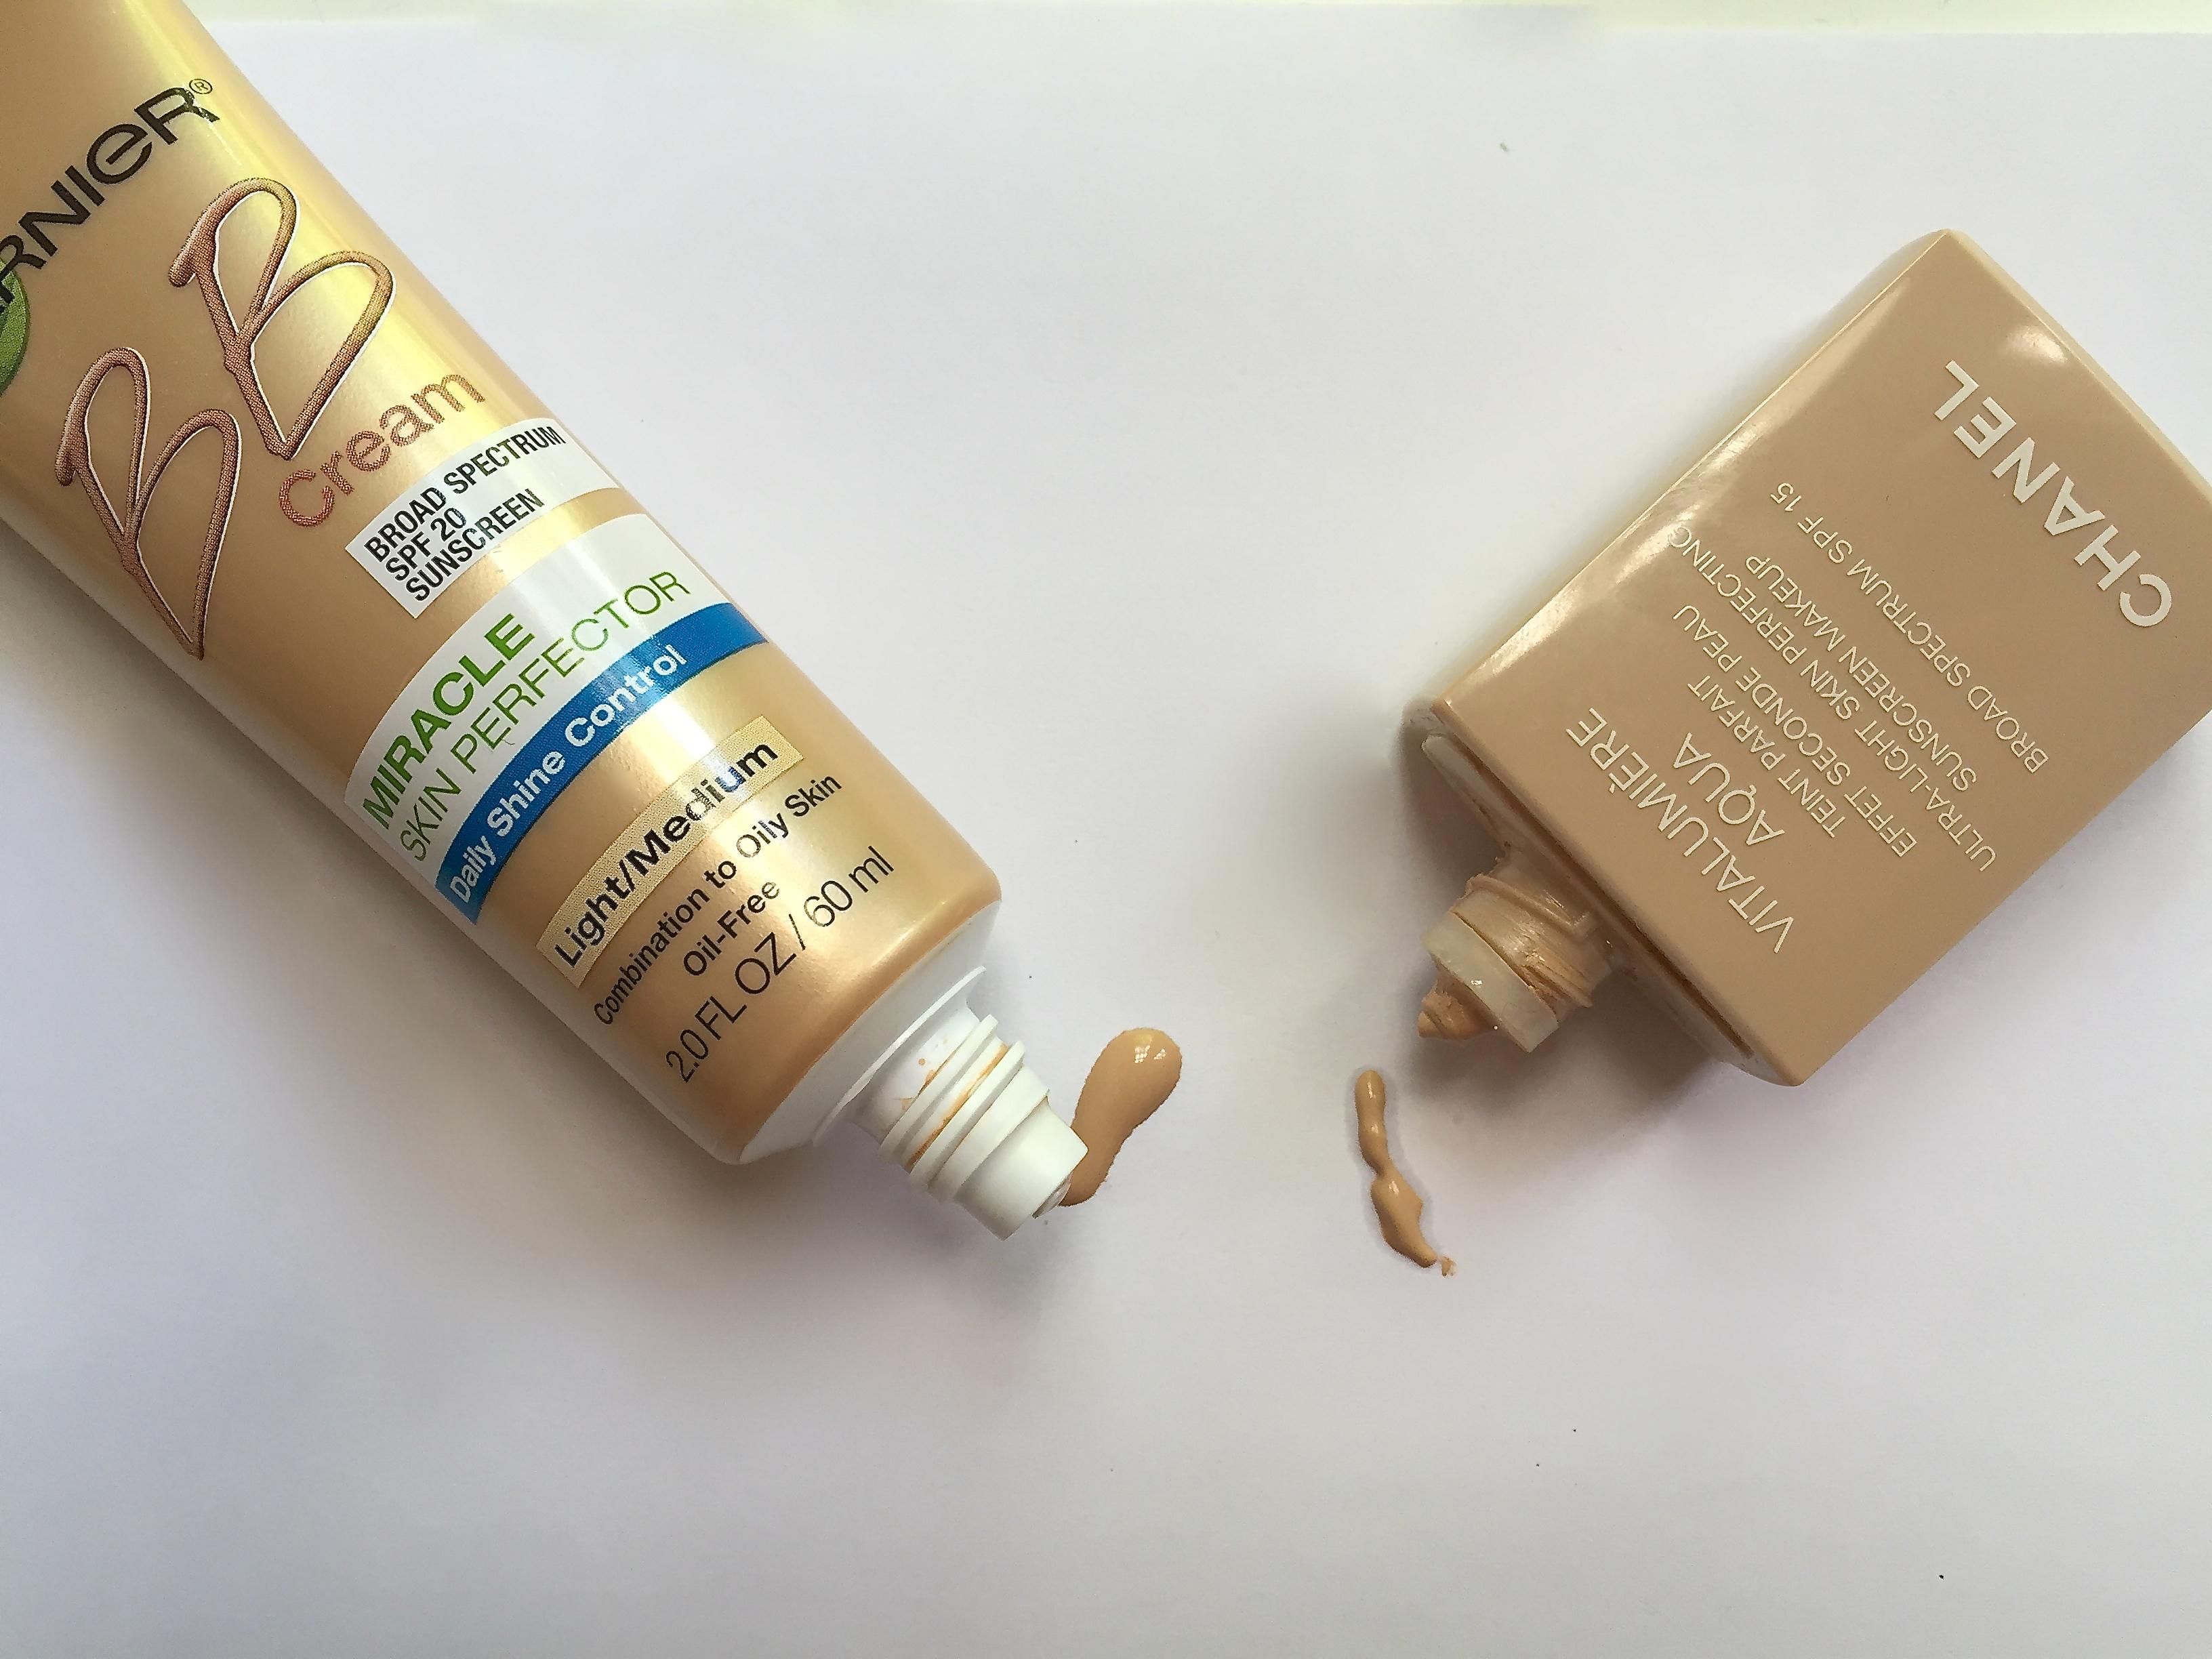 Garnier Bb Cream Review Beautynow Blog